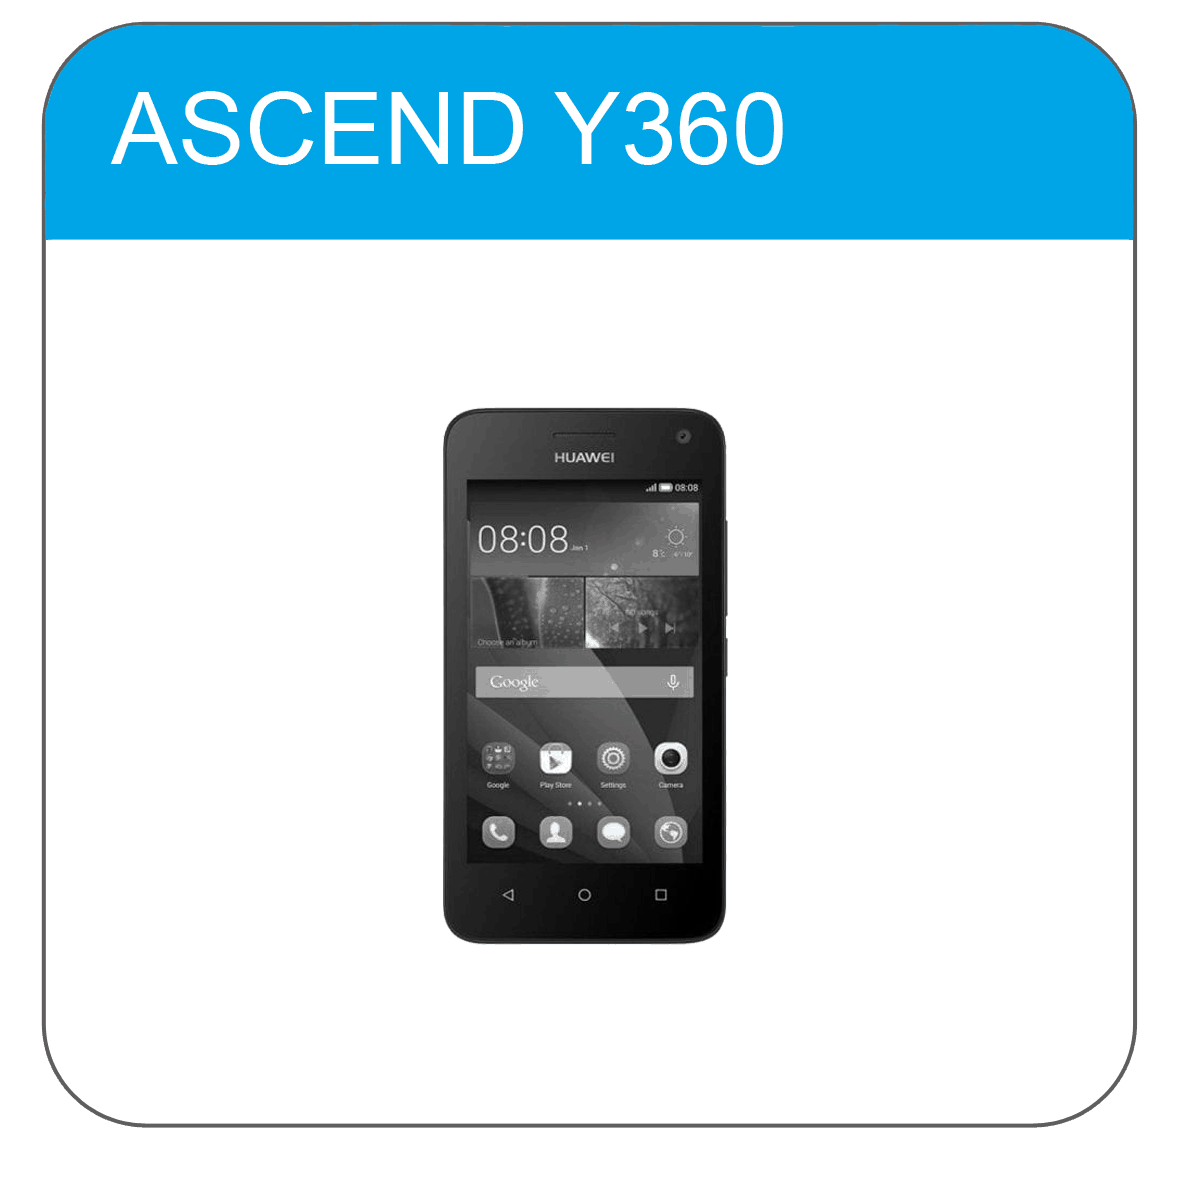 Huawei Ascend Y360